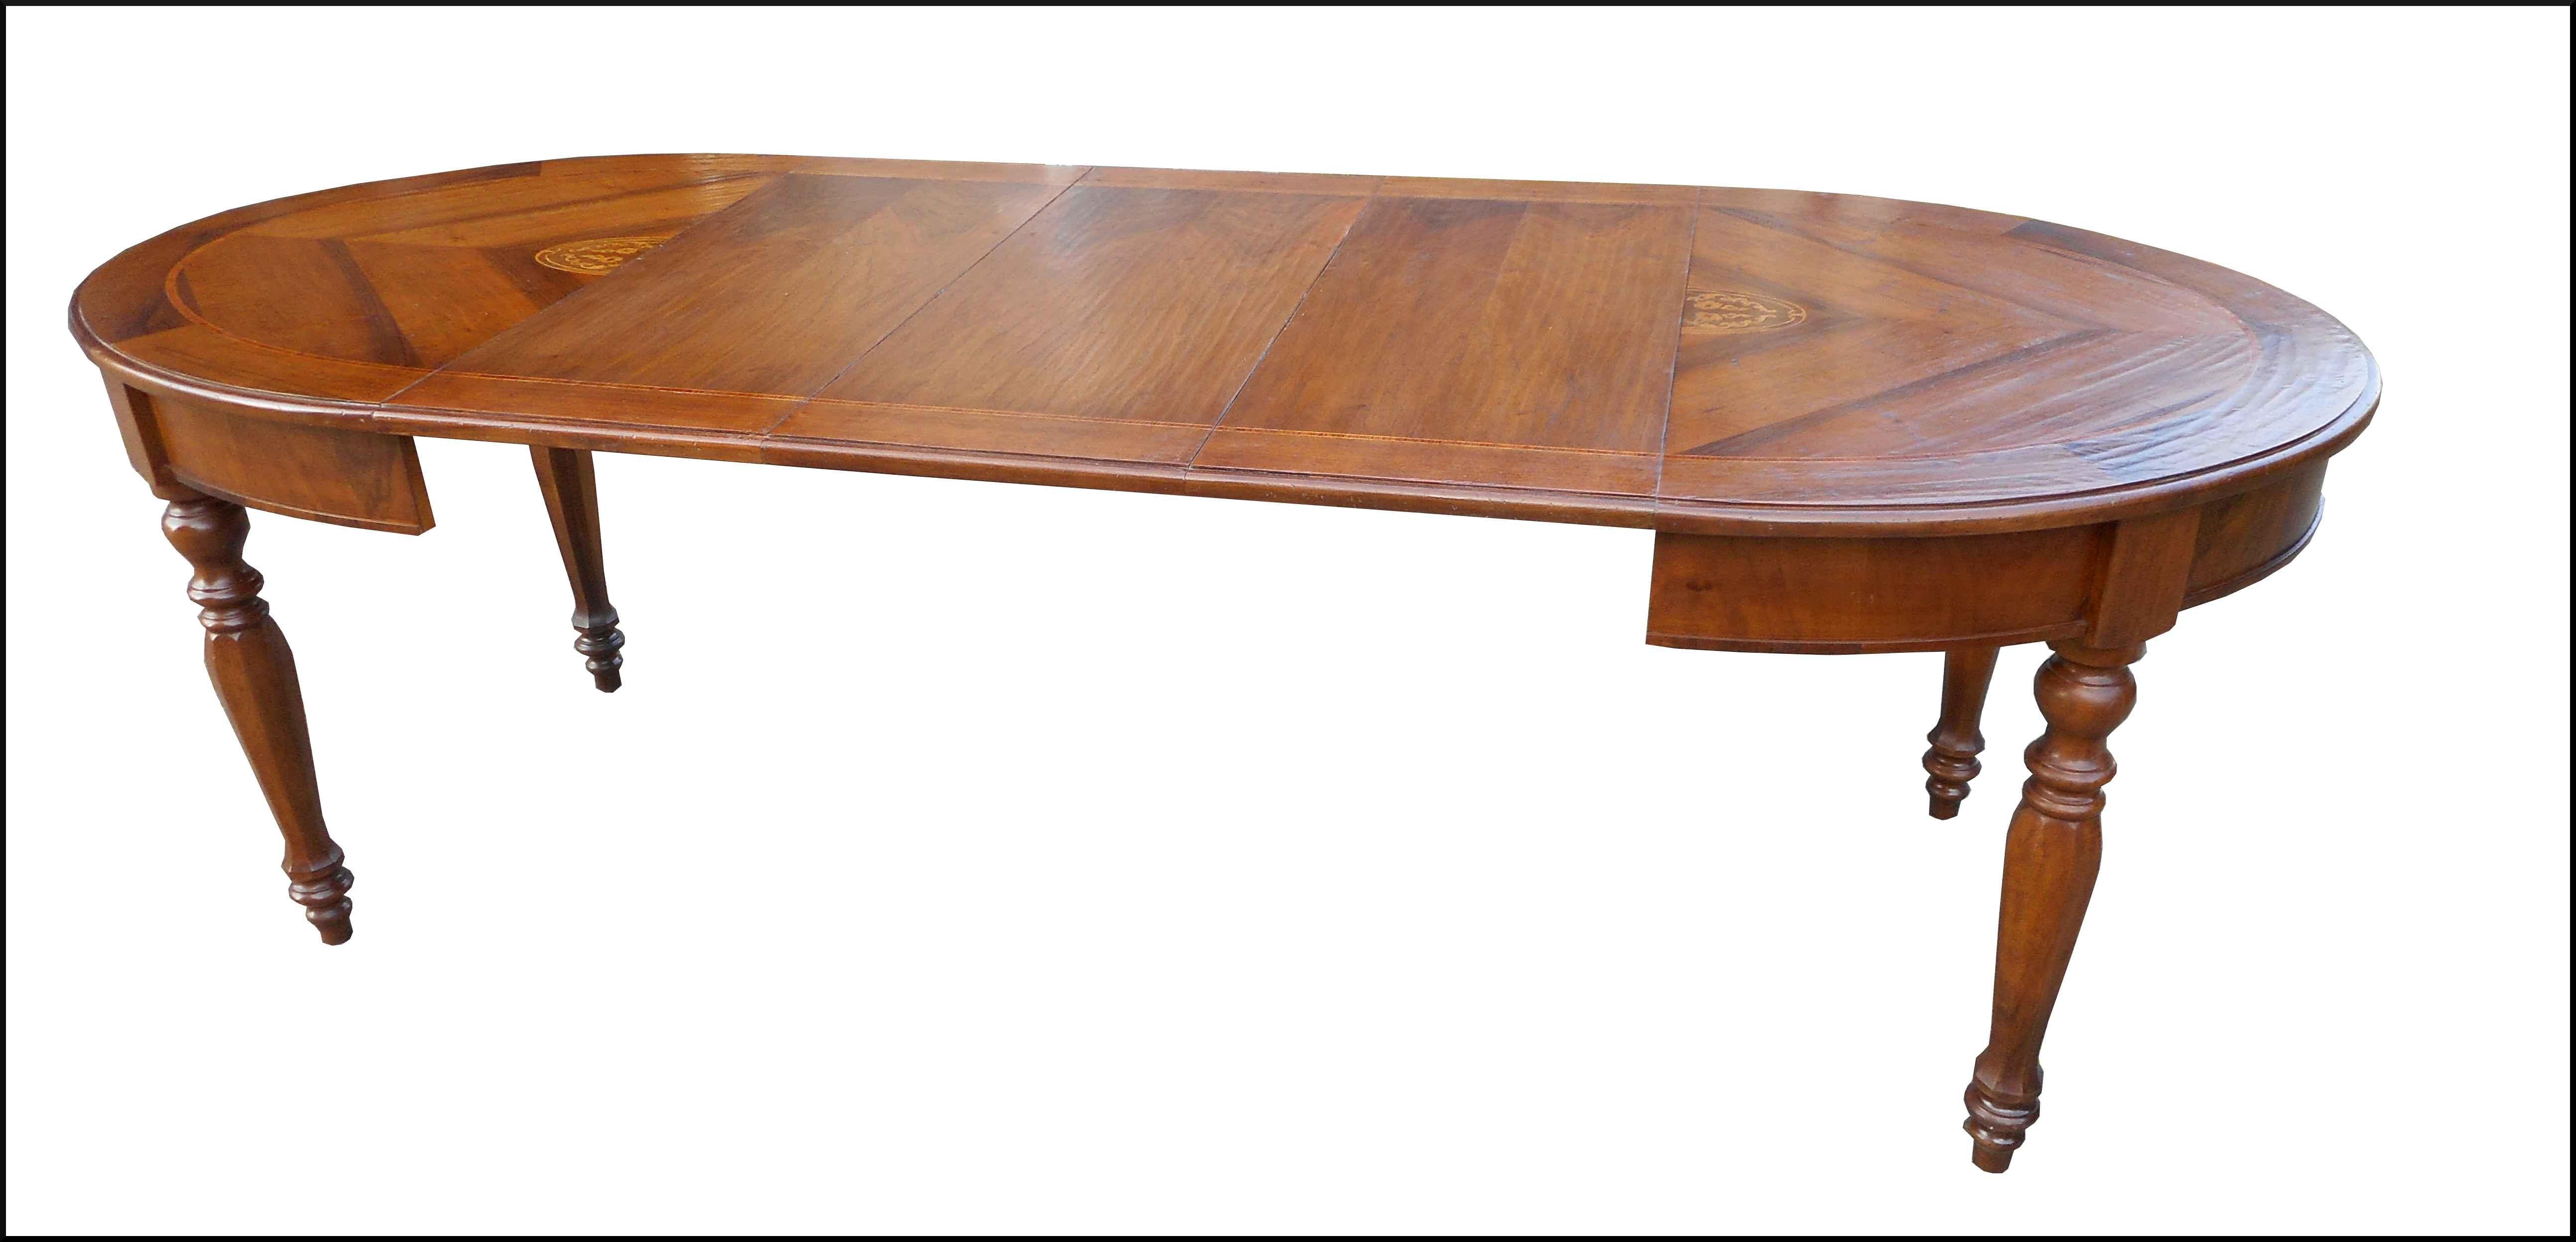 Tavolo ovale classico allungabile la commode di davide corno - Tavolo consolle allungabile stile classico ...